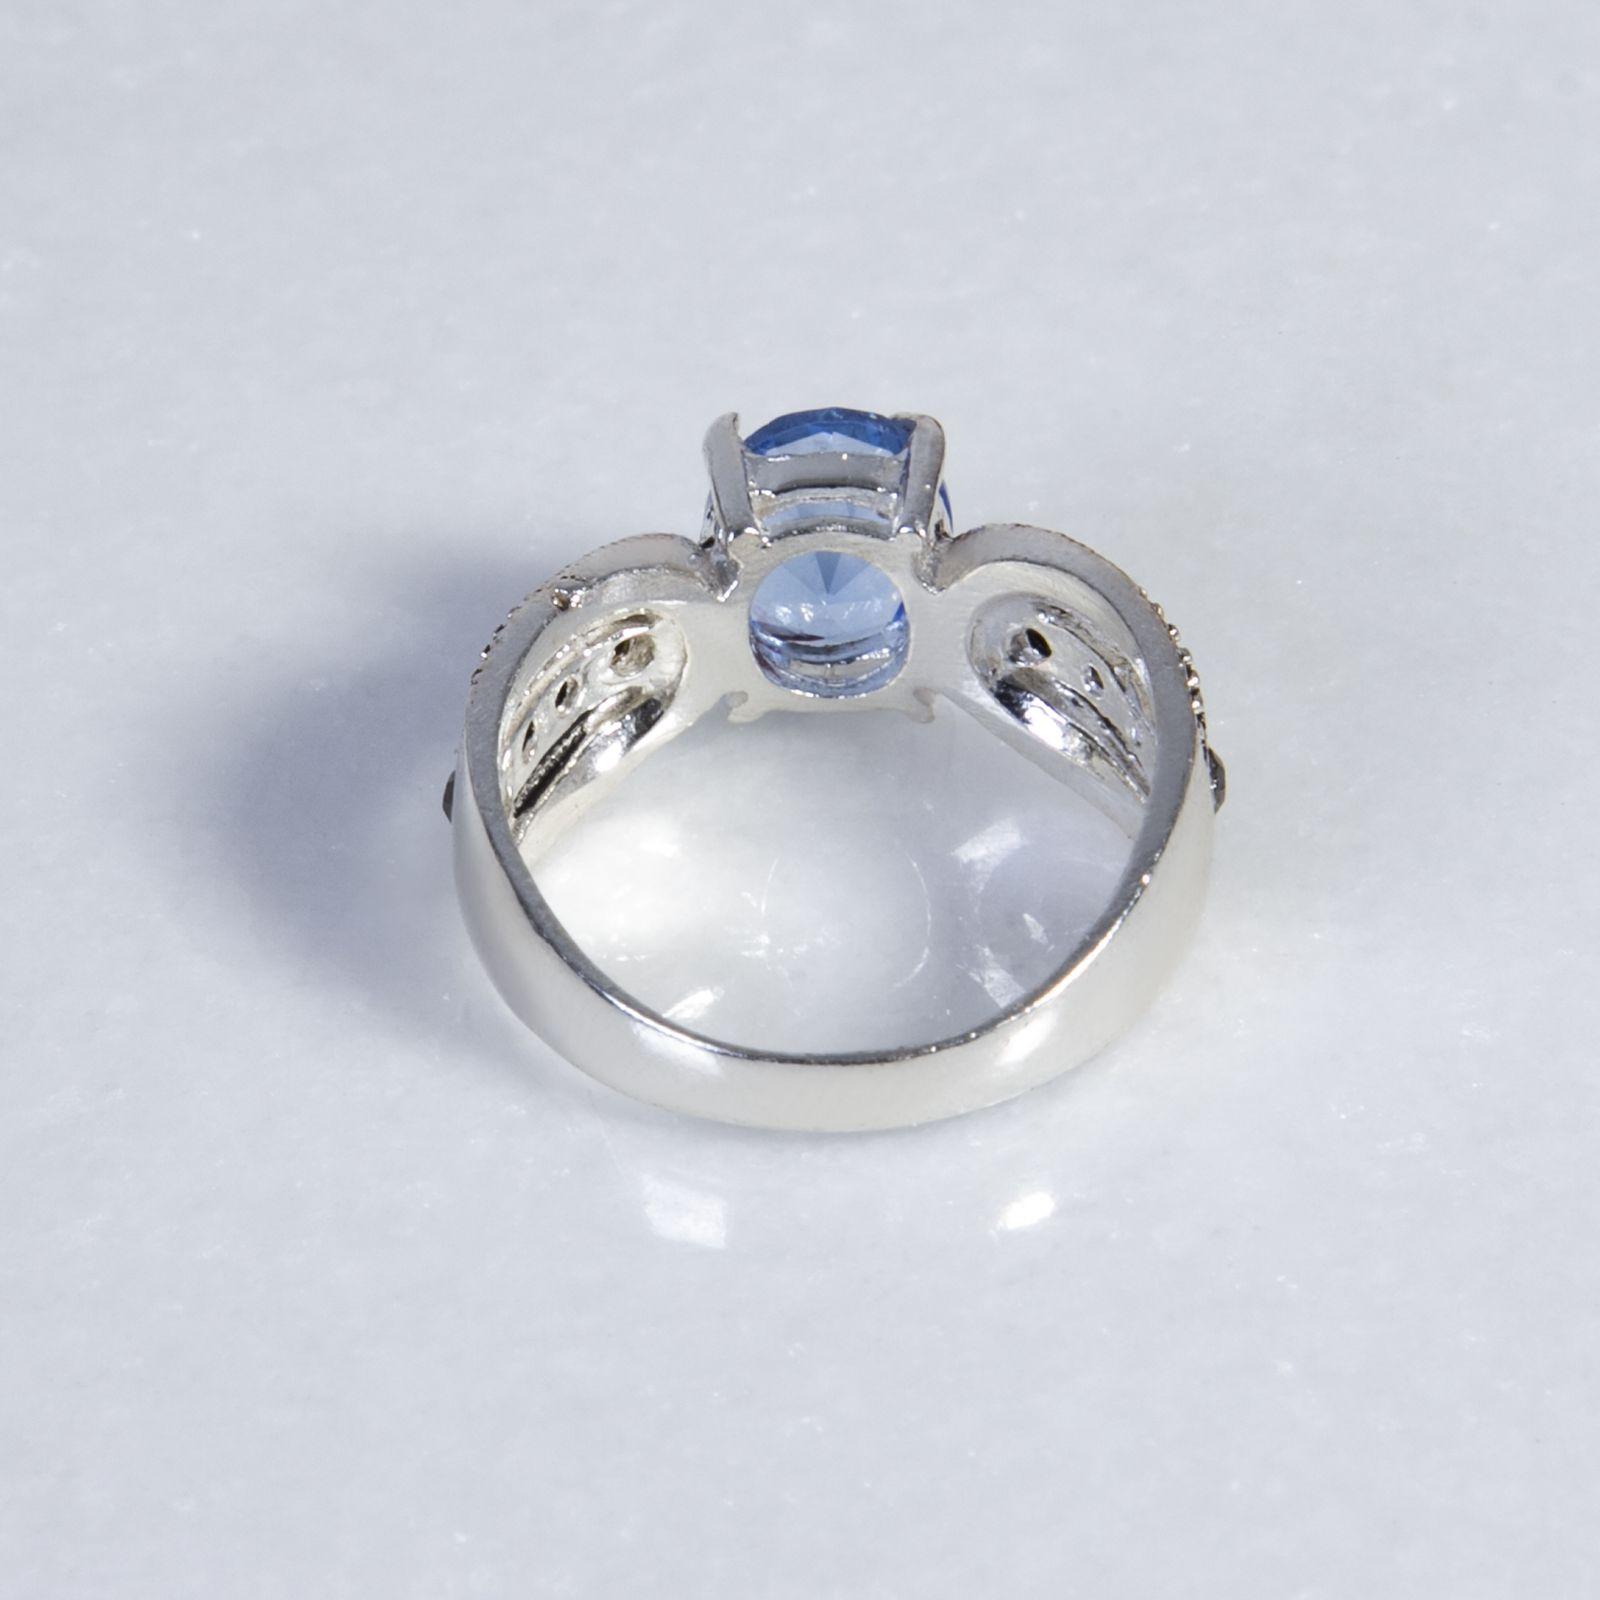 انگشتر نقره زنانه بازرگانی ميلادی  کد AW_089 -  - 2